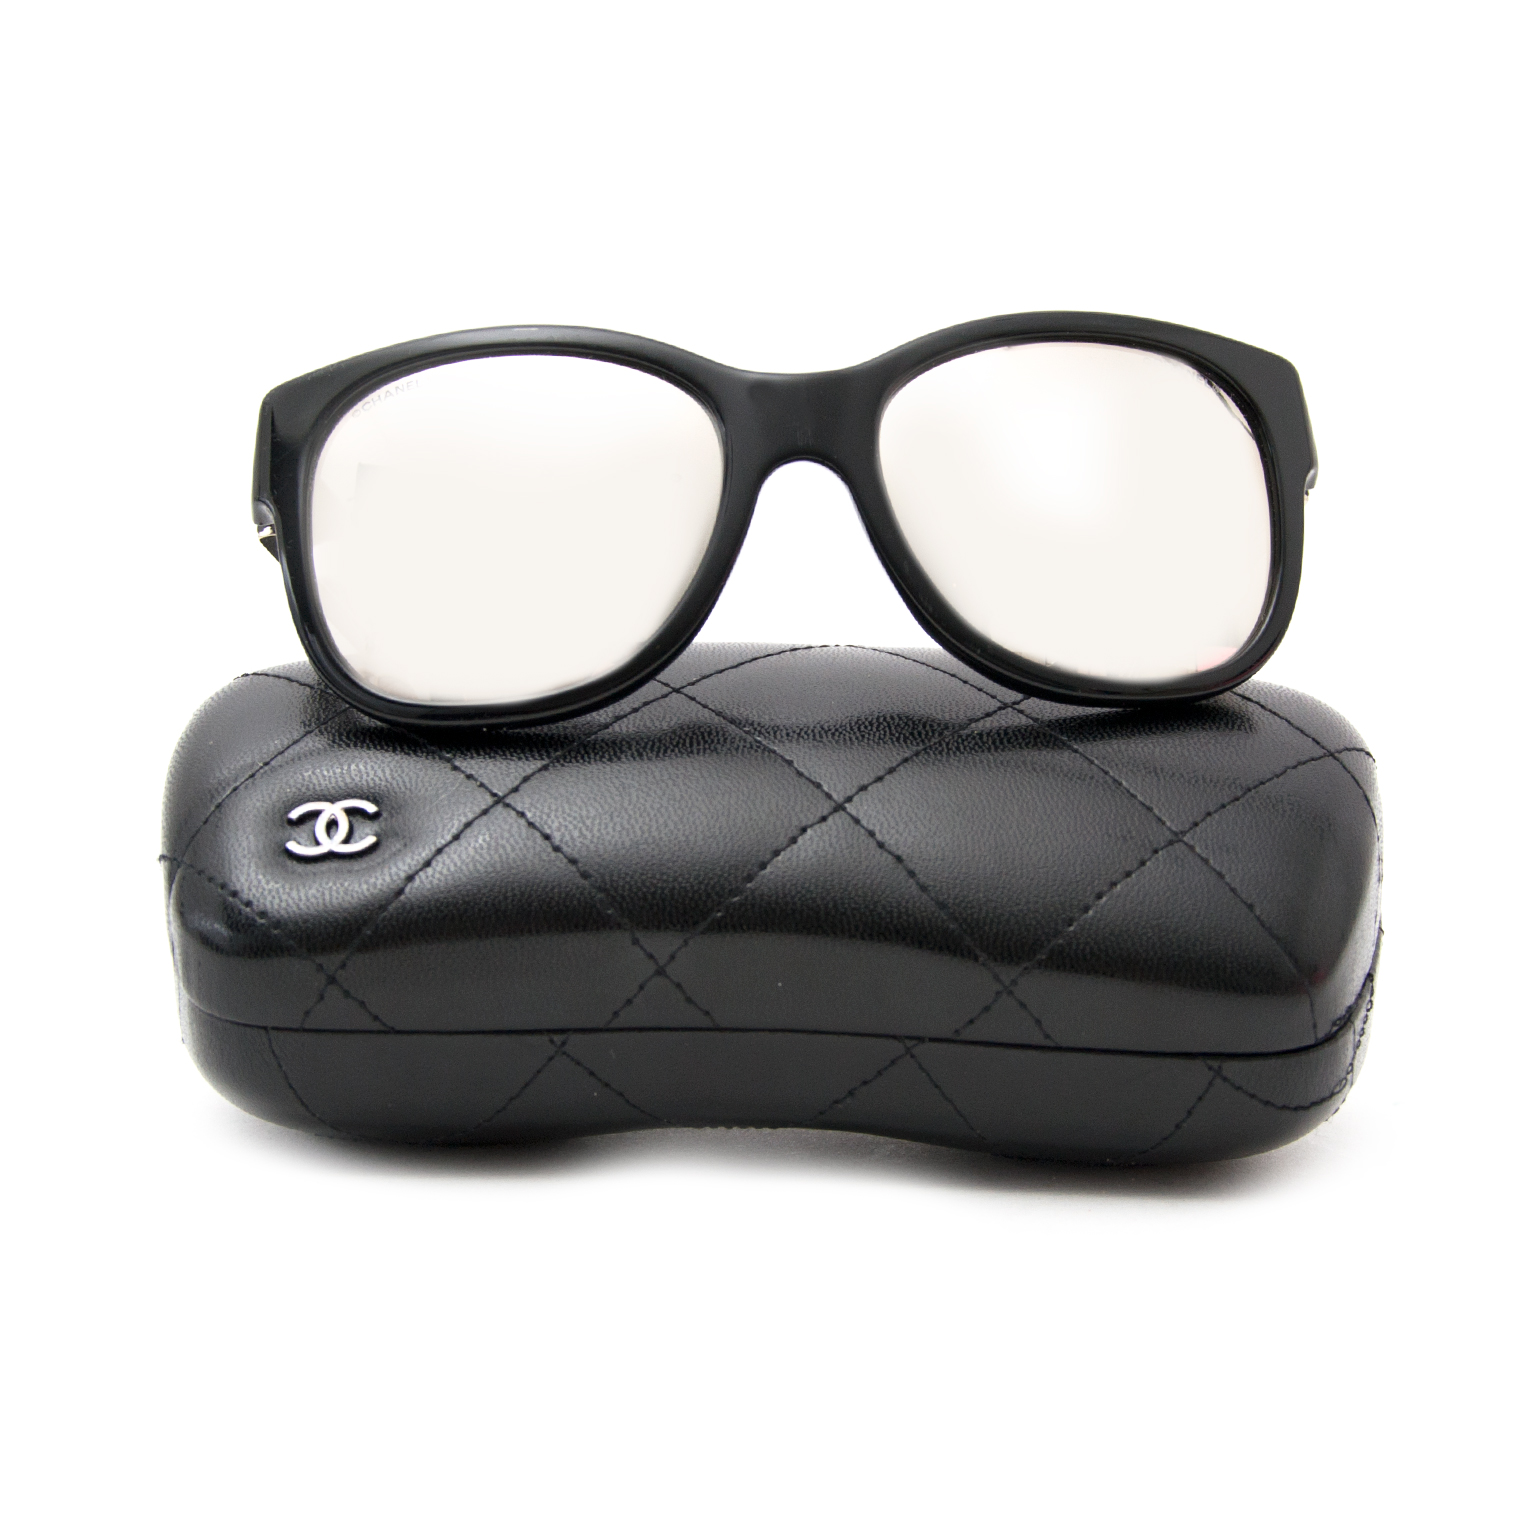 Acheter en ligne chez labellov.com pour le meilleur prix chanel lunettes de soleil